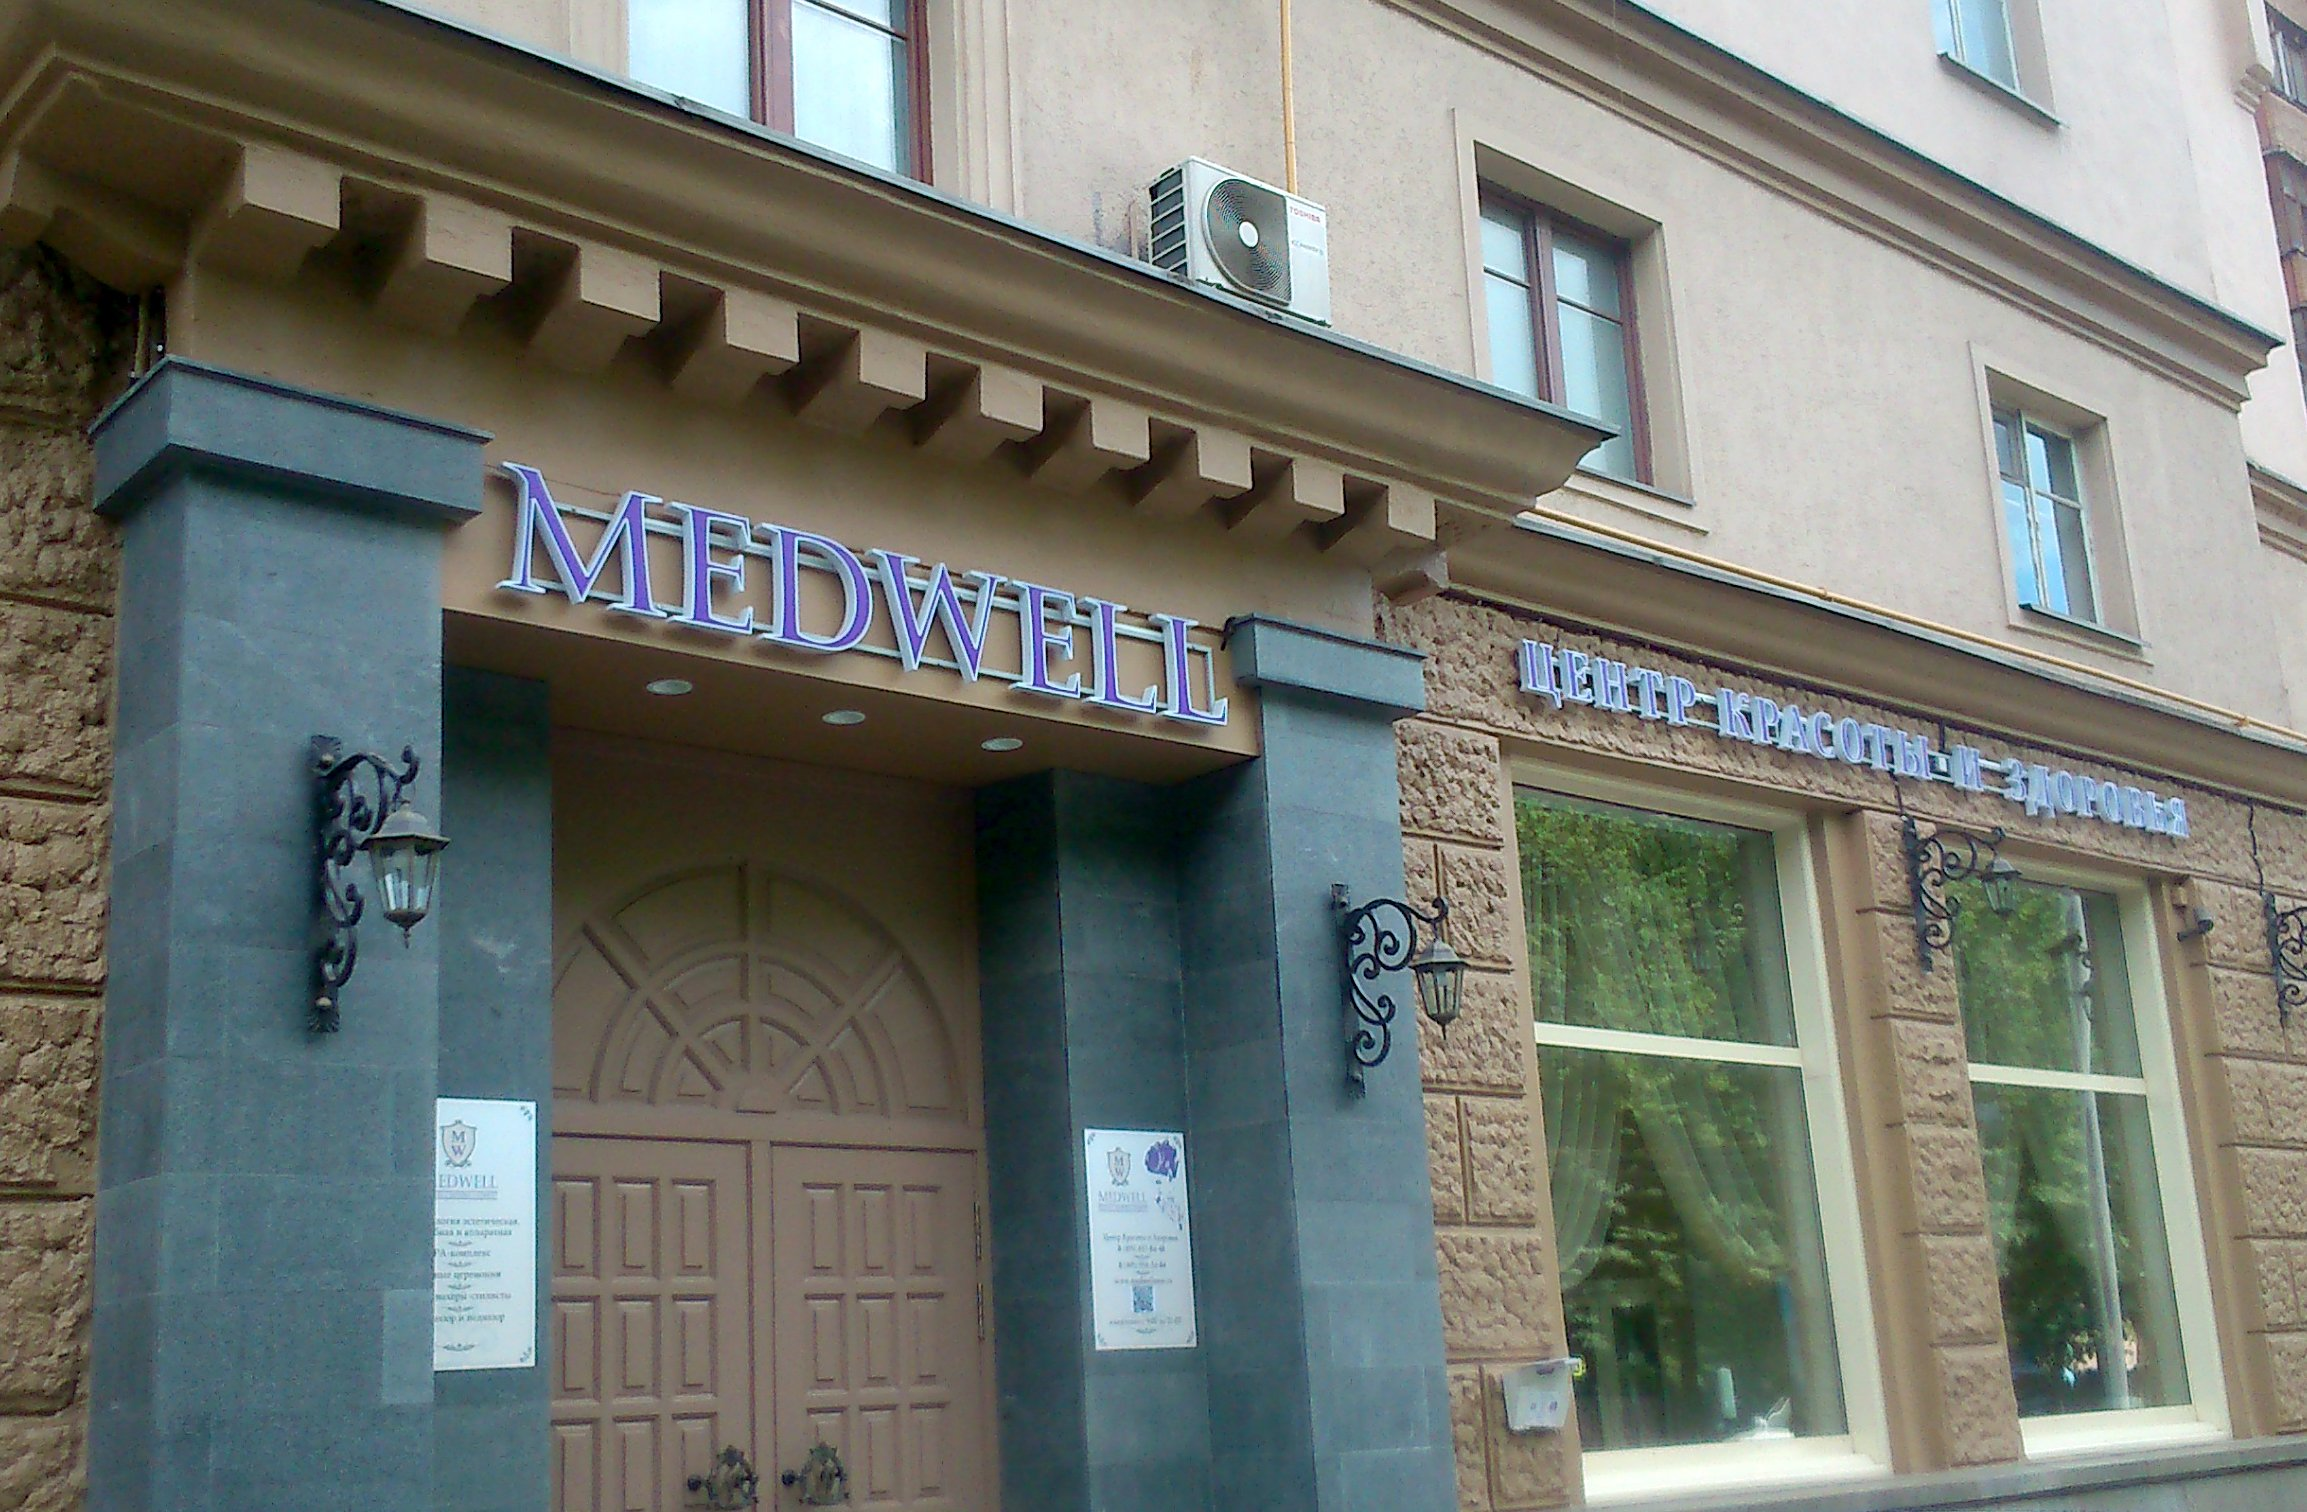 Medwell_viveska1